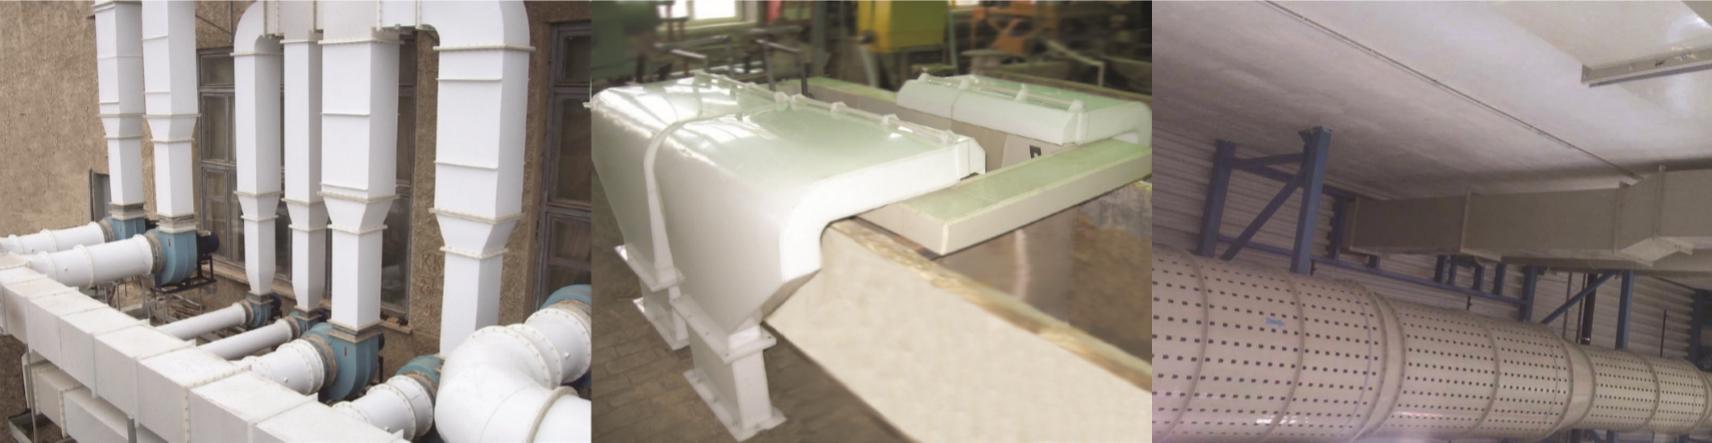 Химстойкие воздуховоды, фасонные изделия, каплеуловители, регулируемые заслонки и решетки, воздухораспределители, обратные клапаны, шиберы, гибкие вставки, панели равномерного всасывания, бортовые отсосы из полипропилена, полиэтилена, поливинилхлорида, поливинилденфторида, нержавеющей стали и титана.